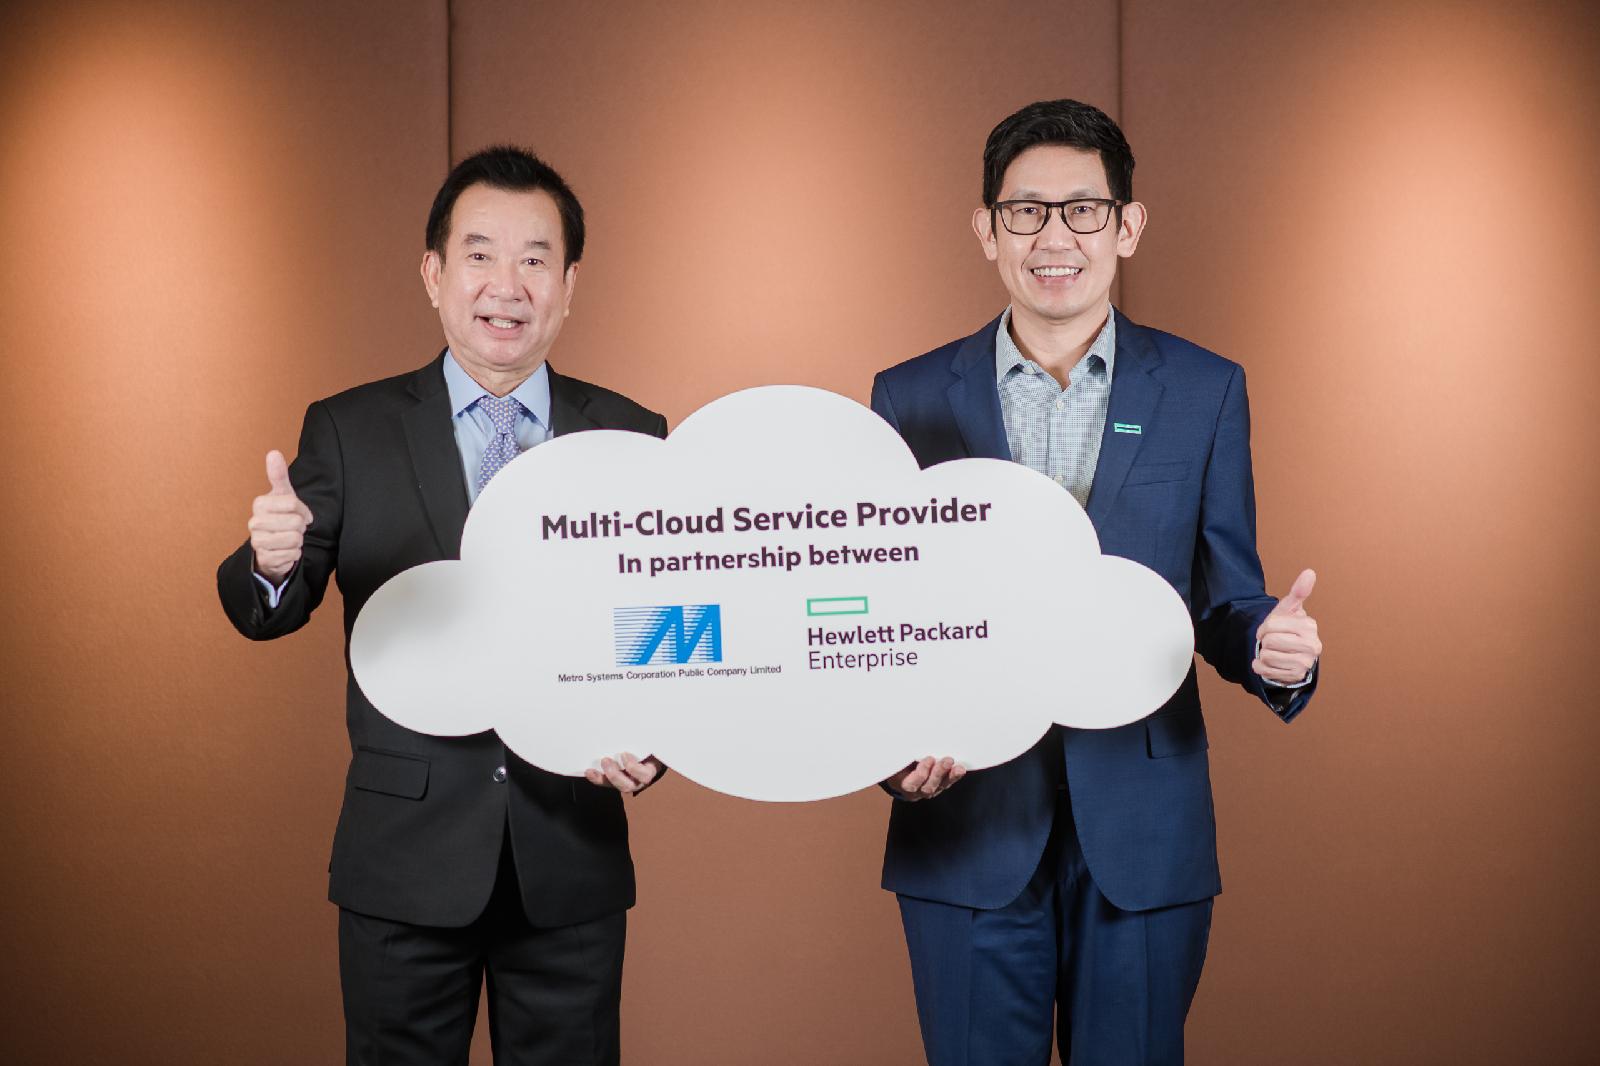 HPE พัฒนากลยุทธ์คลาวด์ขั้นสูงจับมือ Metro Systems Corporation ก้าวสู่ความเป็นผู้นำด้านคลาวด์อย่างแท้จริง